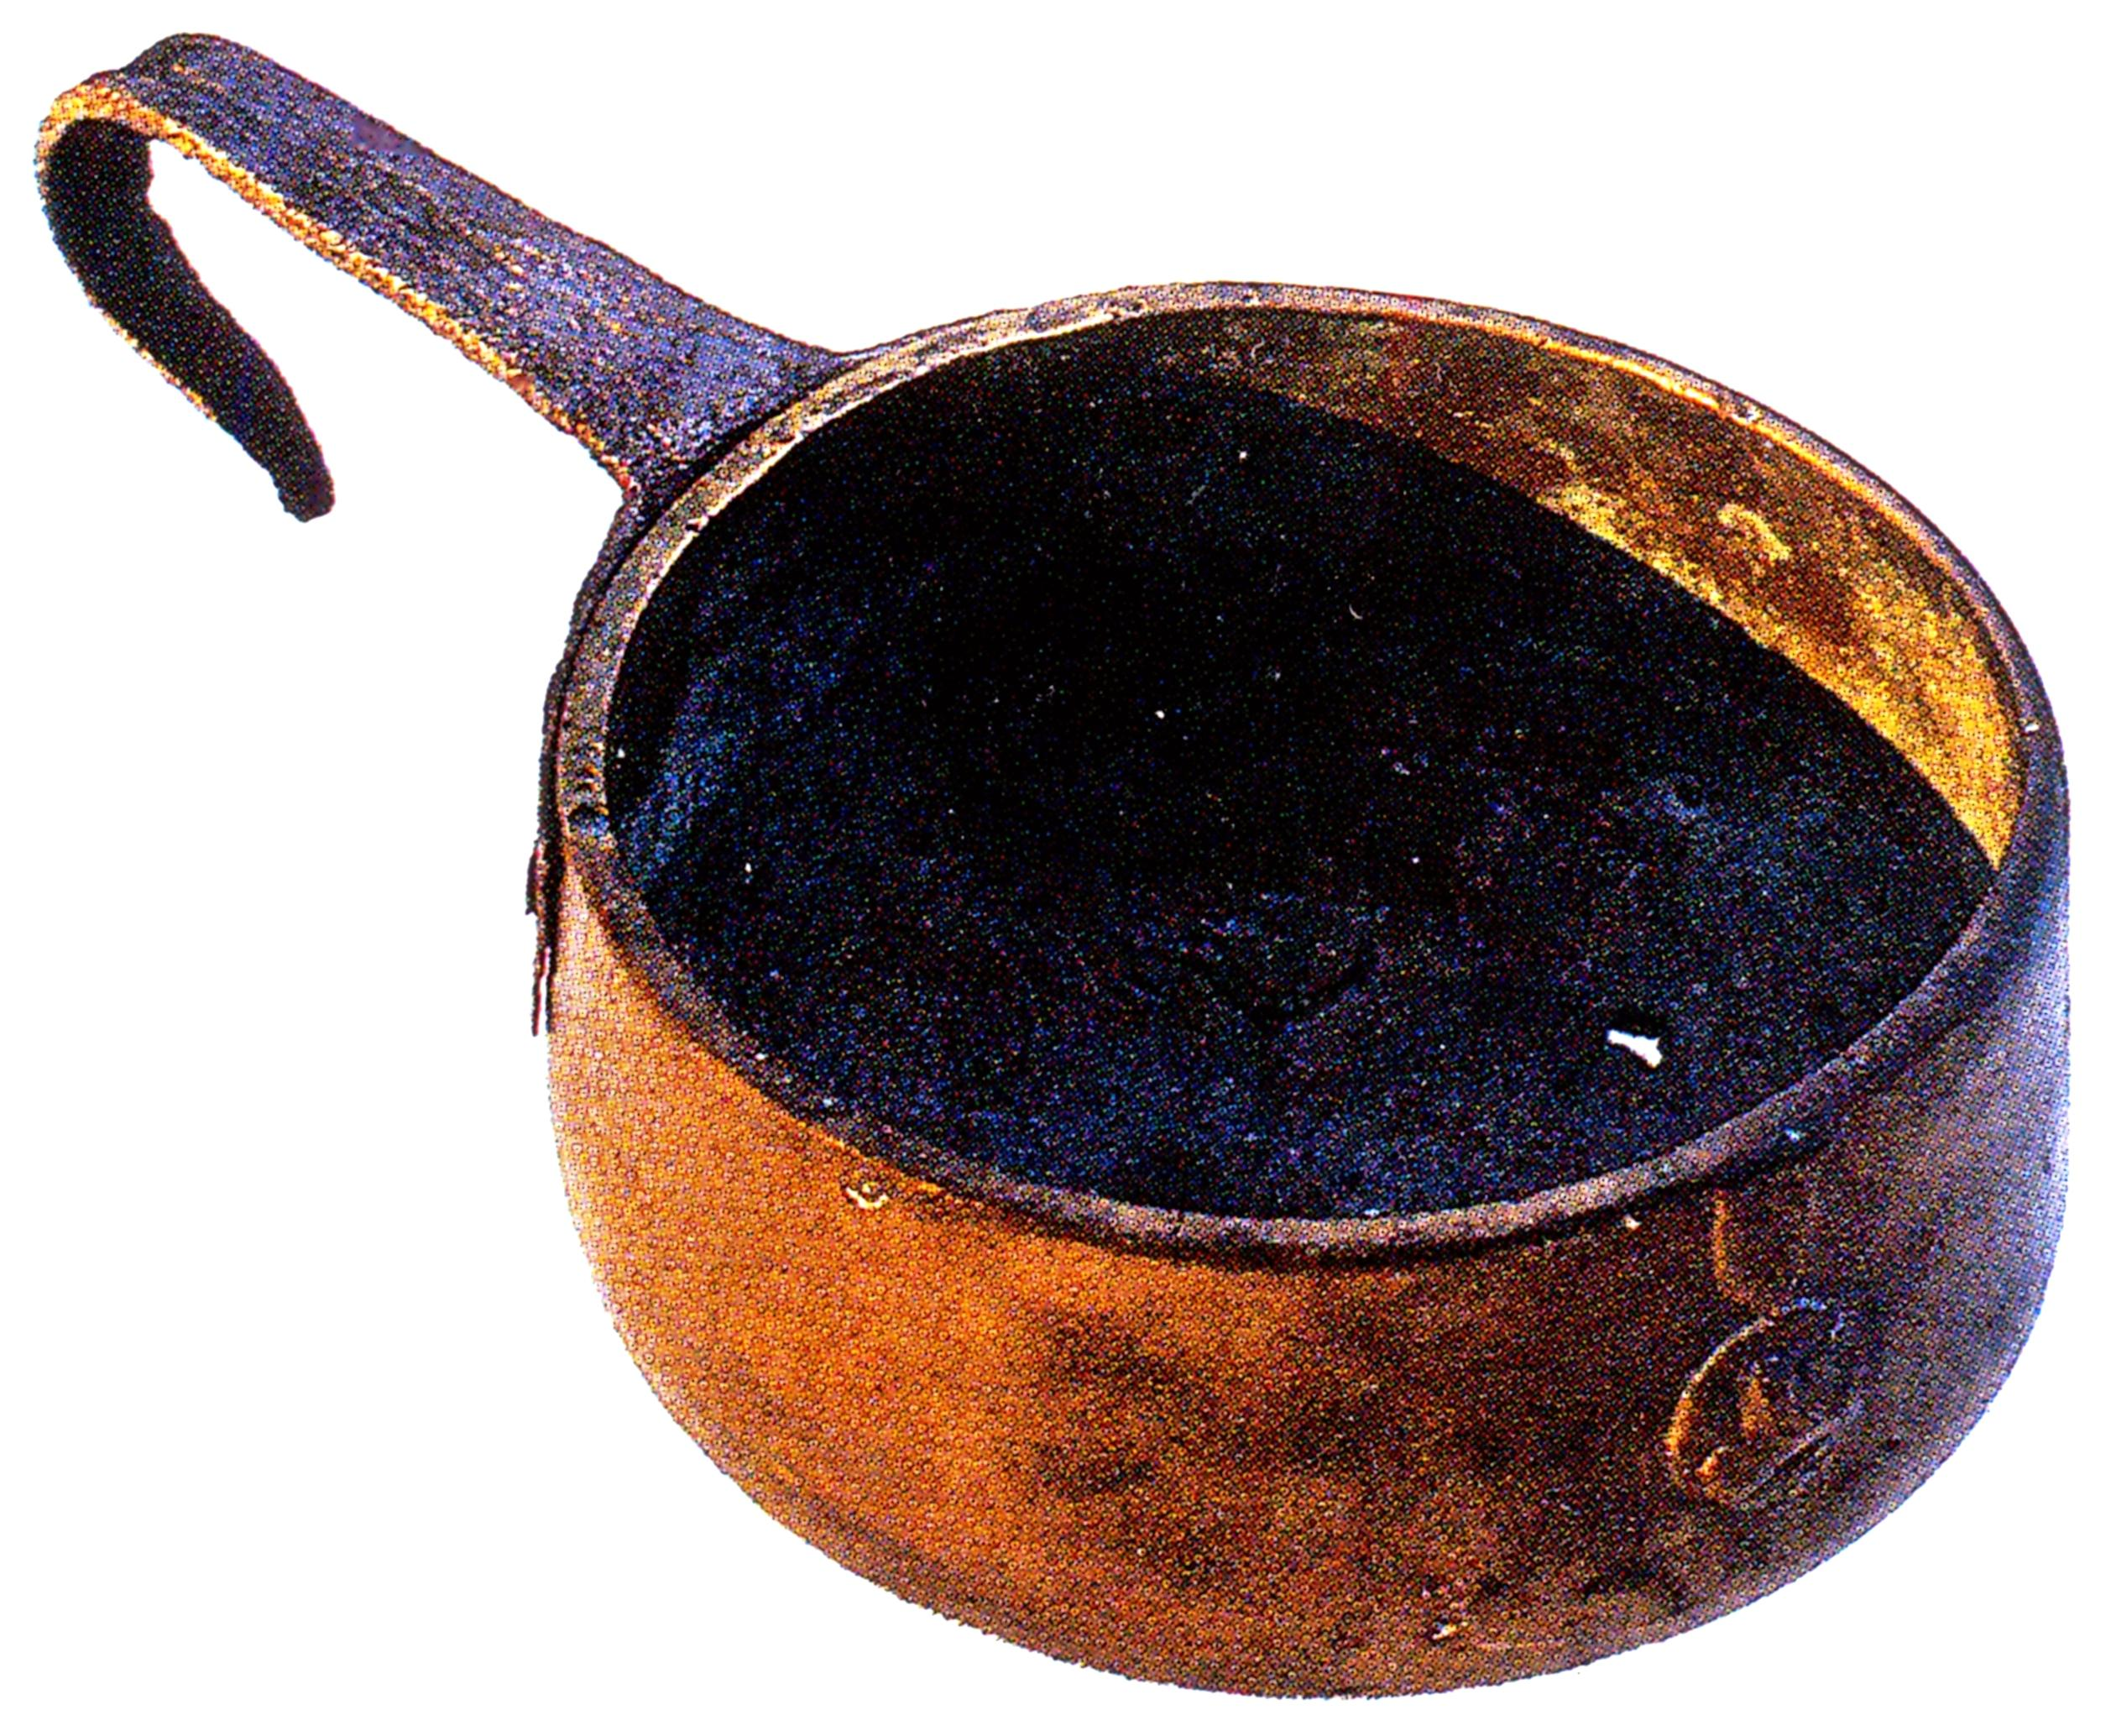 Il coppo del mugnaio, attrezzo in rame impiegato per raccogliere la farina dal mezale.